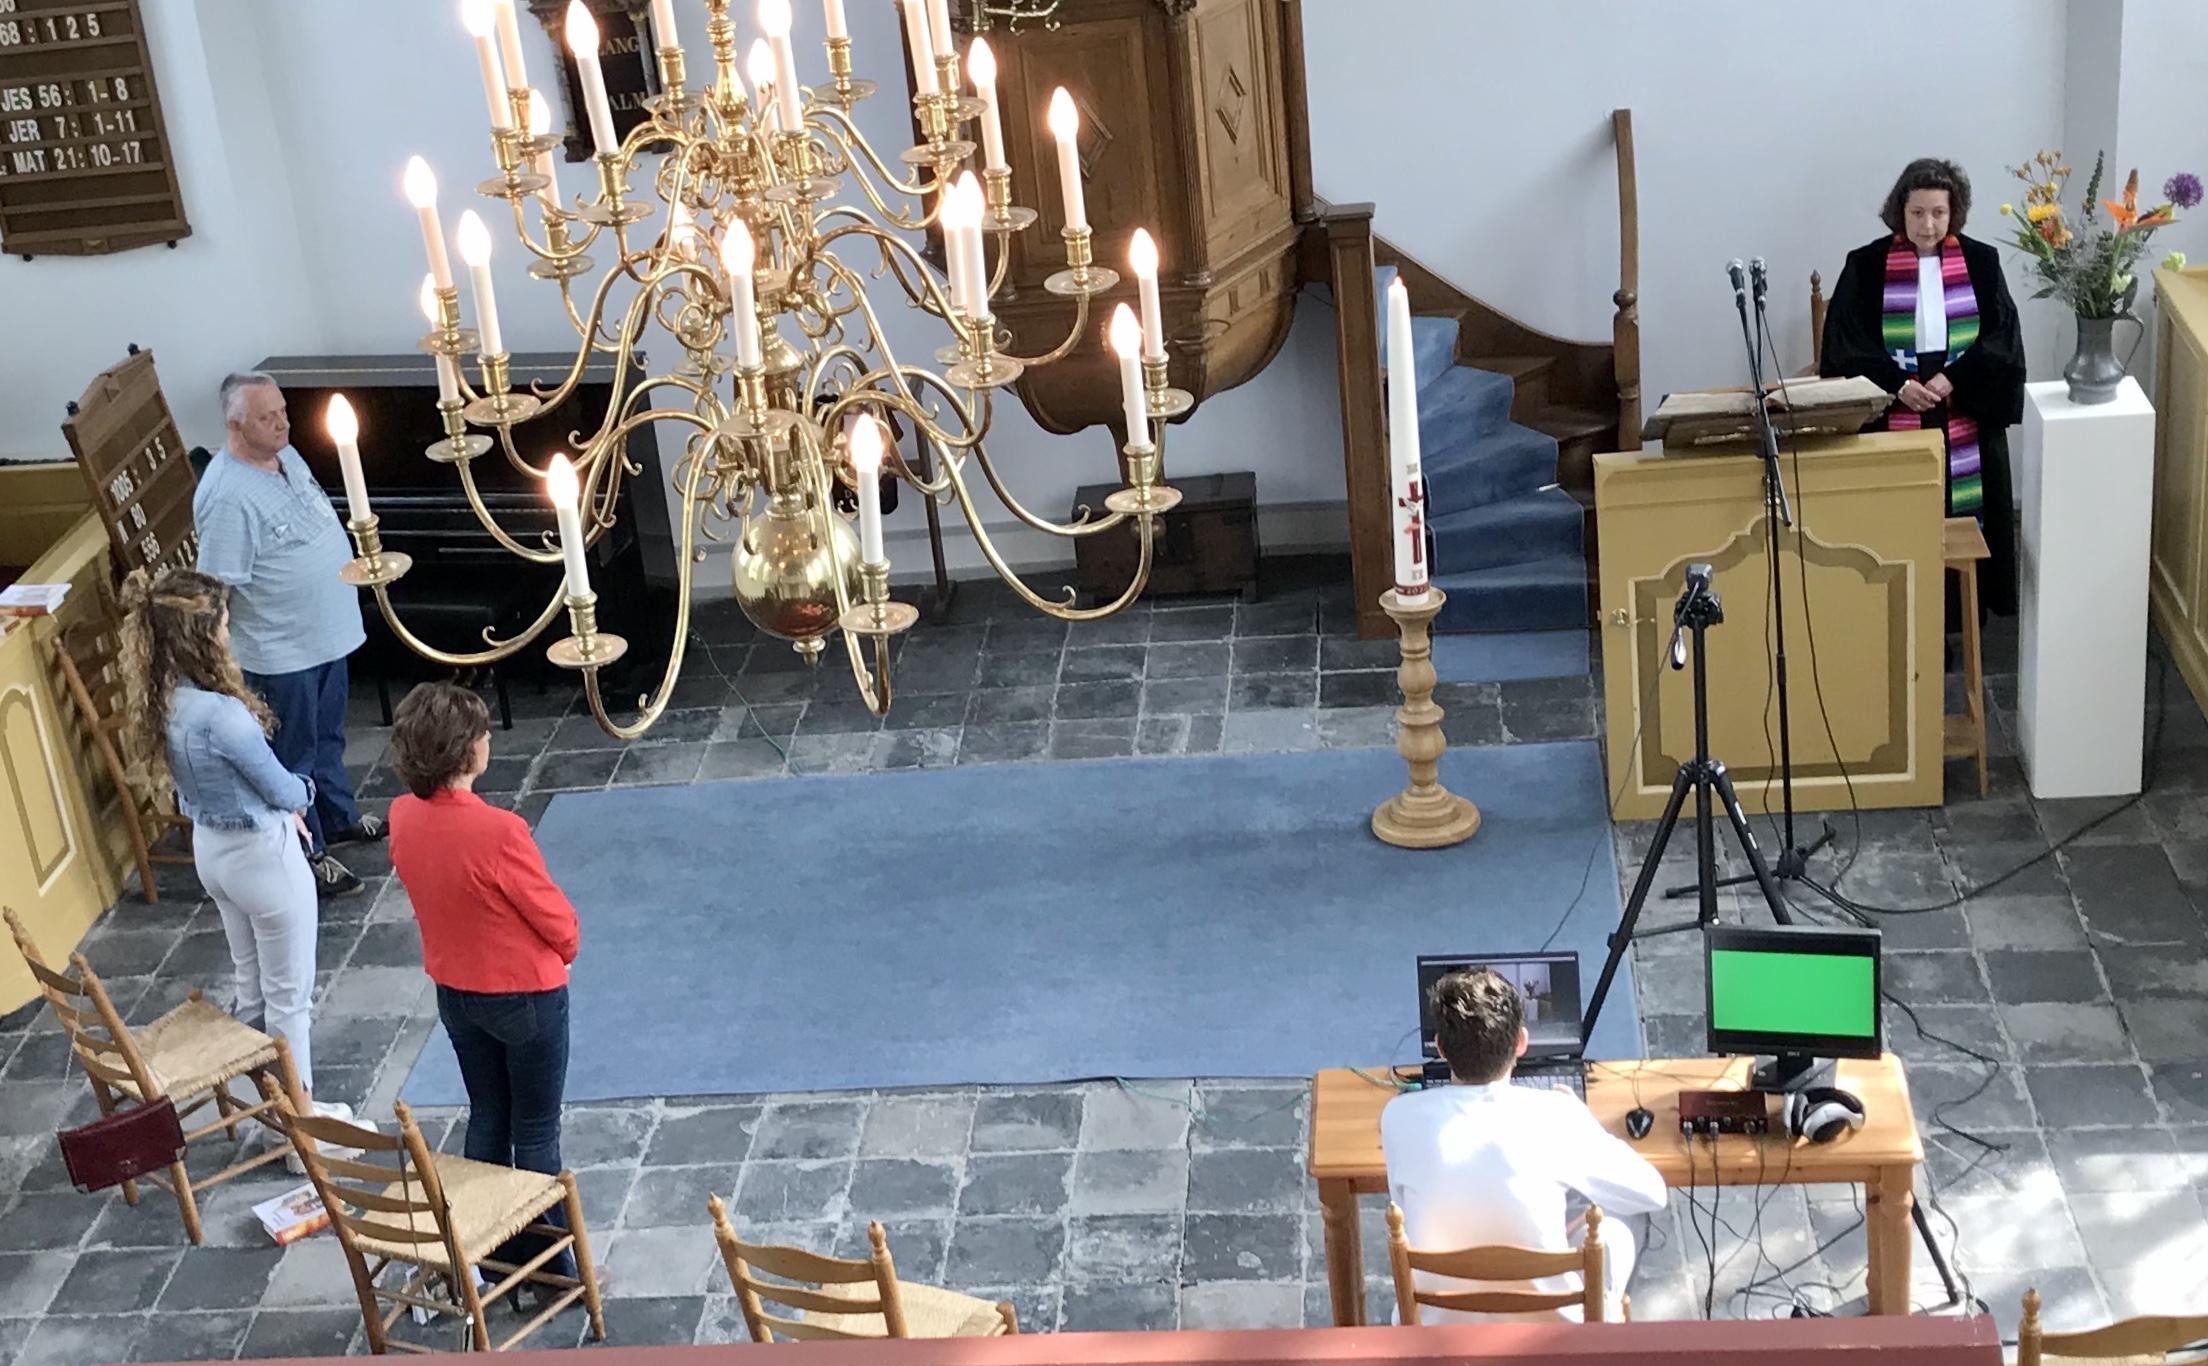 Gebruiksplan (UPDATE) en schoonmaakprotocol Woudtse kerk + De Rijstuin